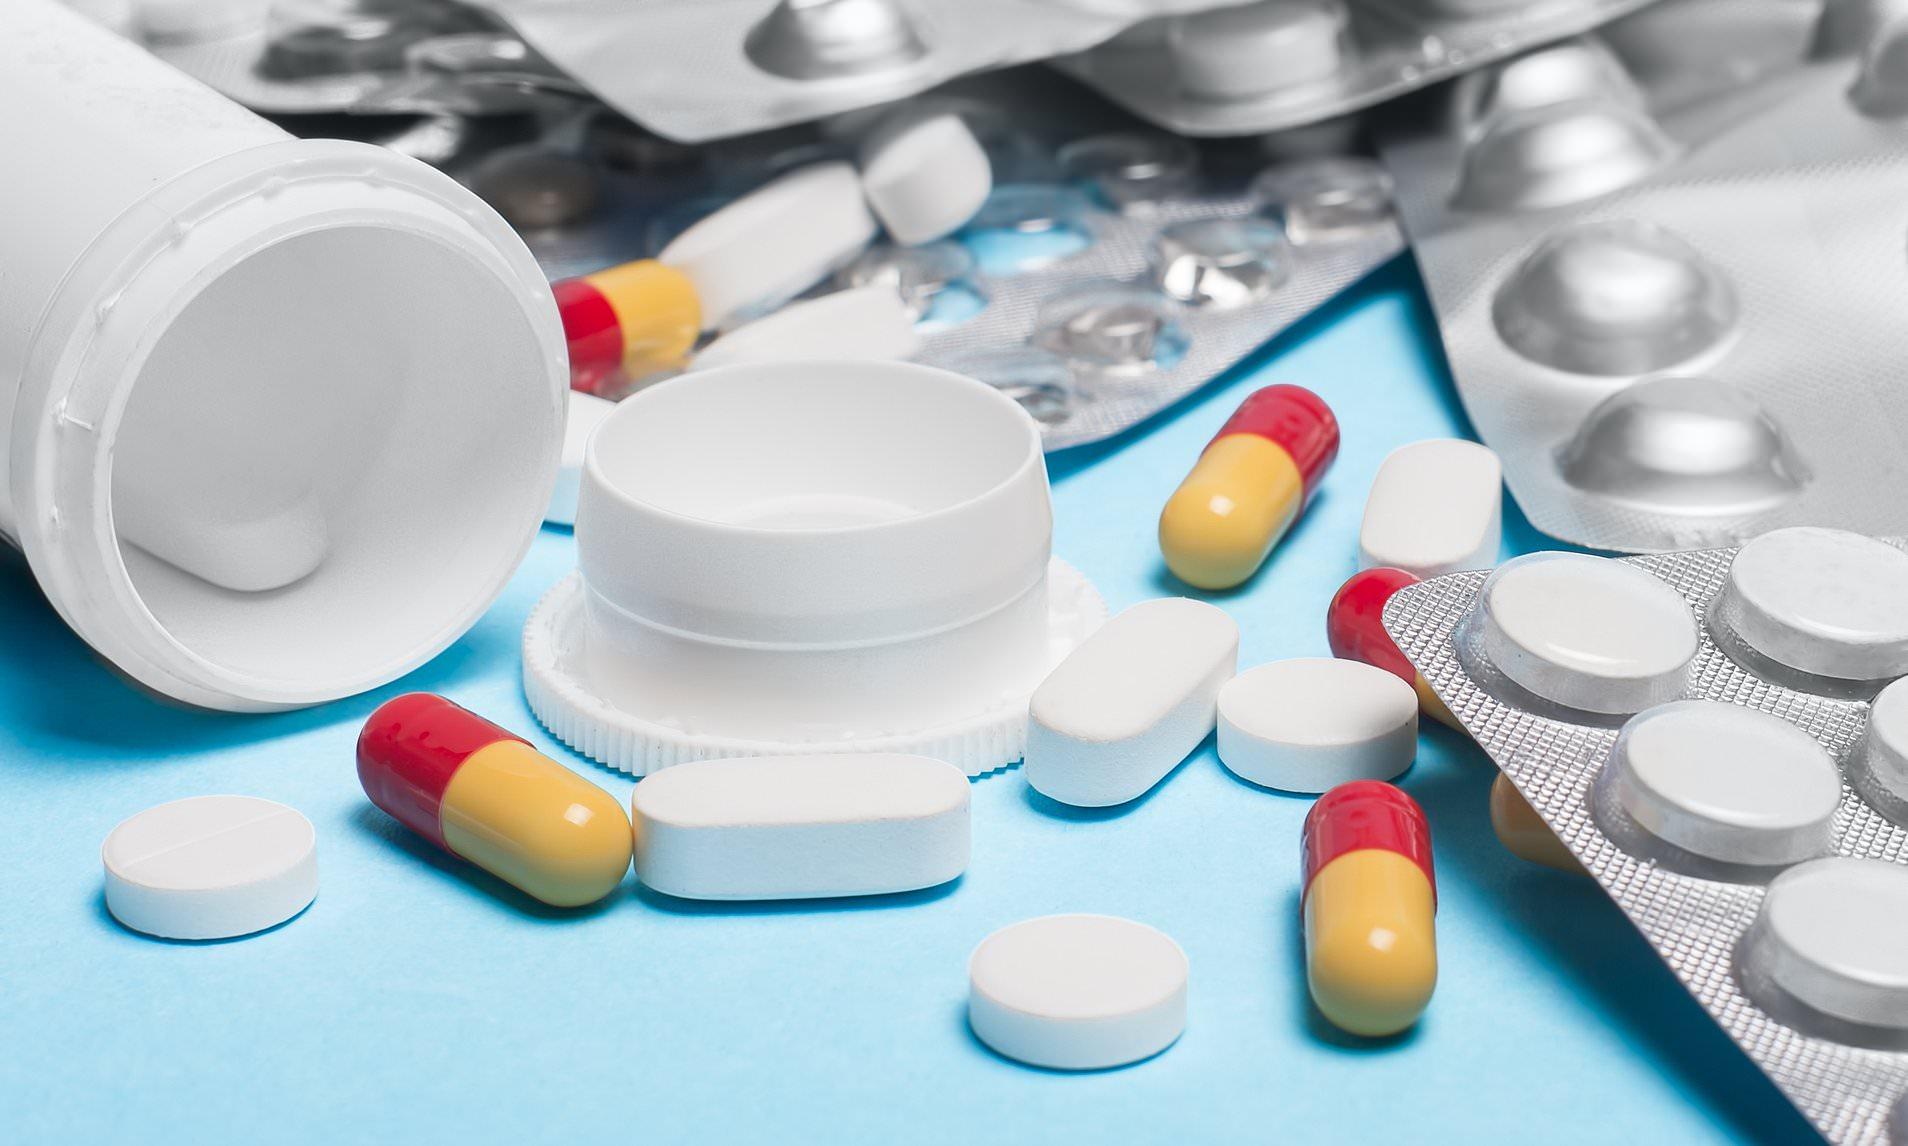 Dejar los antidepresivos podría causar síntomas de abstinencia difíciles, según estudio